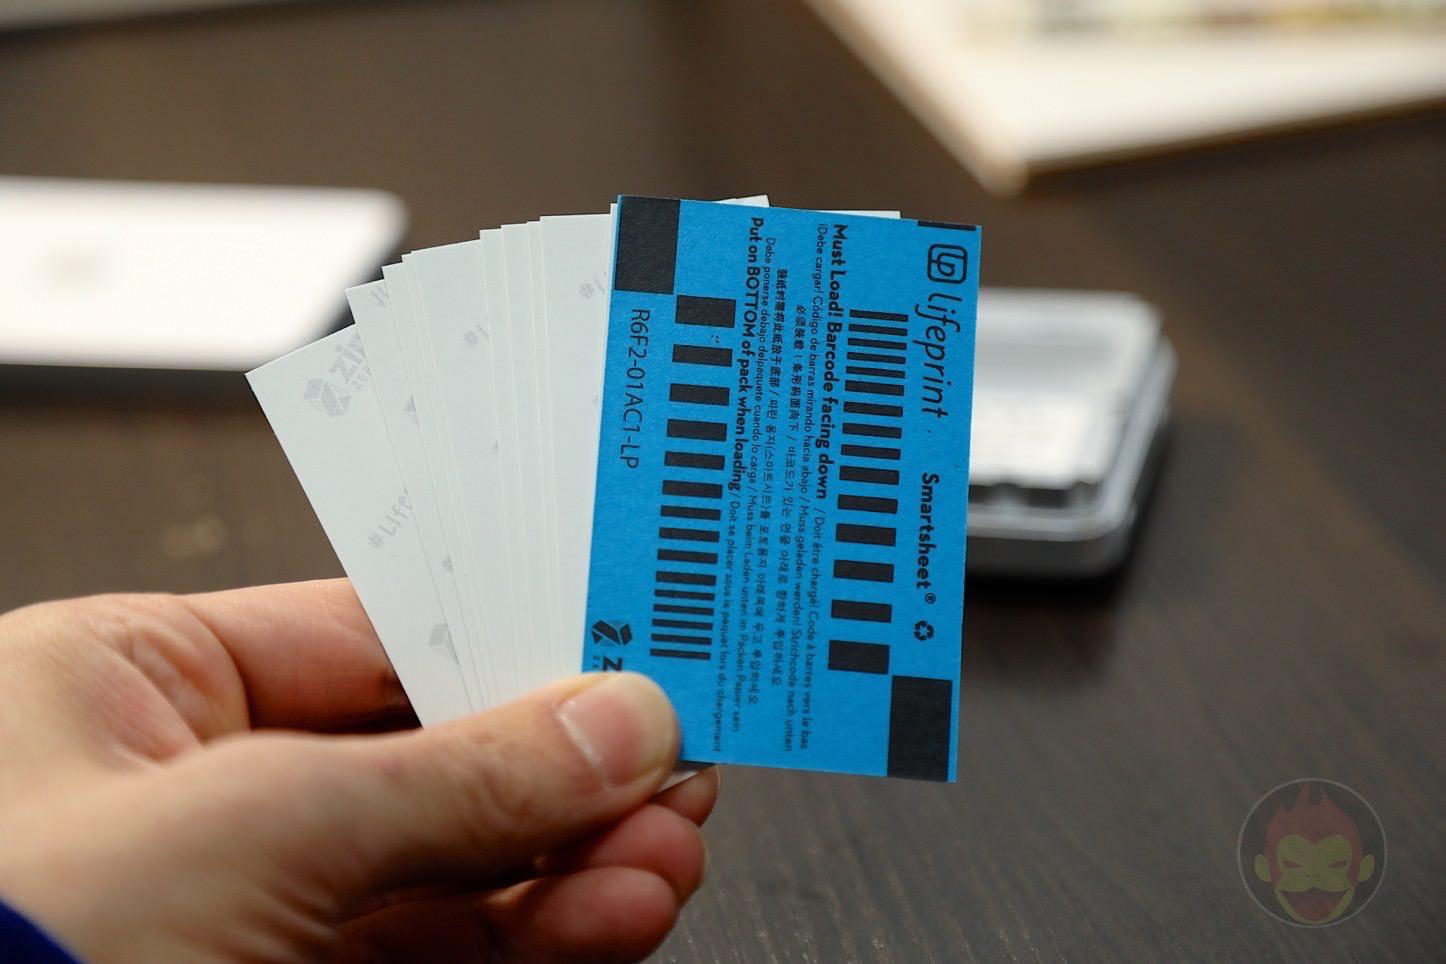 LifePrint Mobile Printer